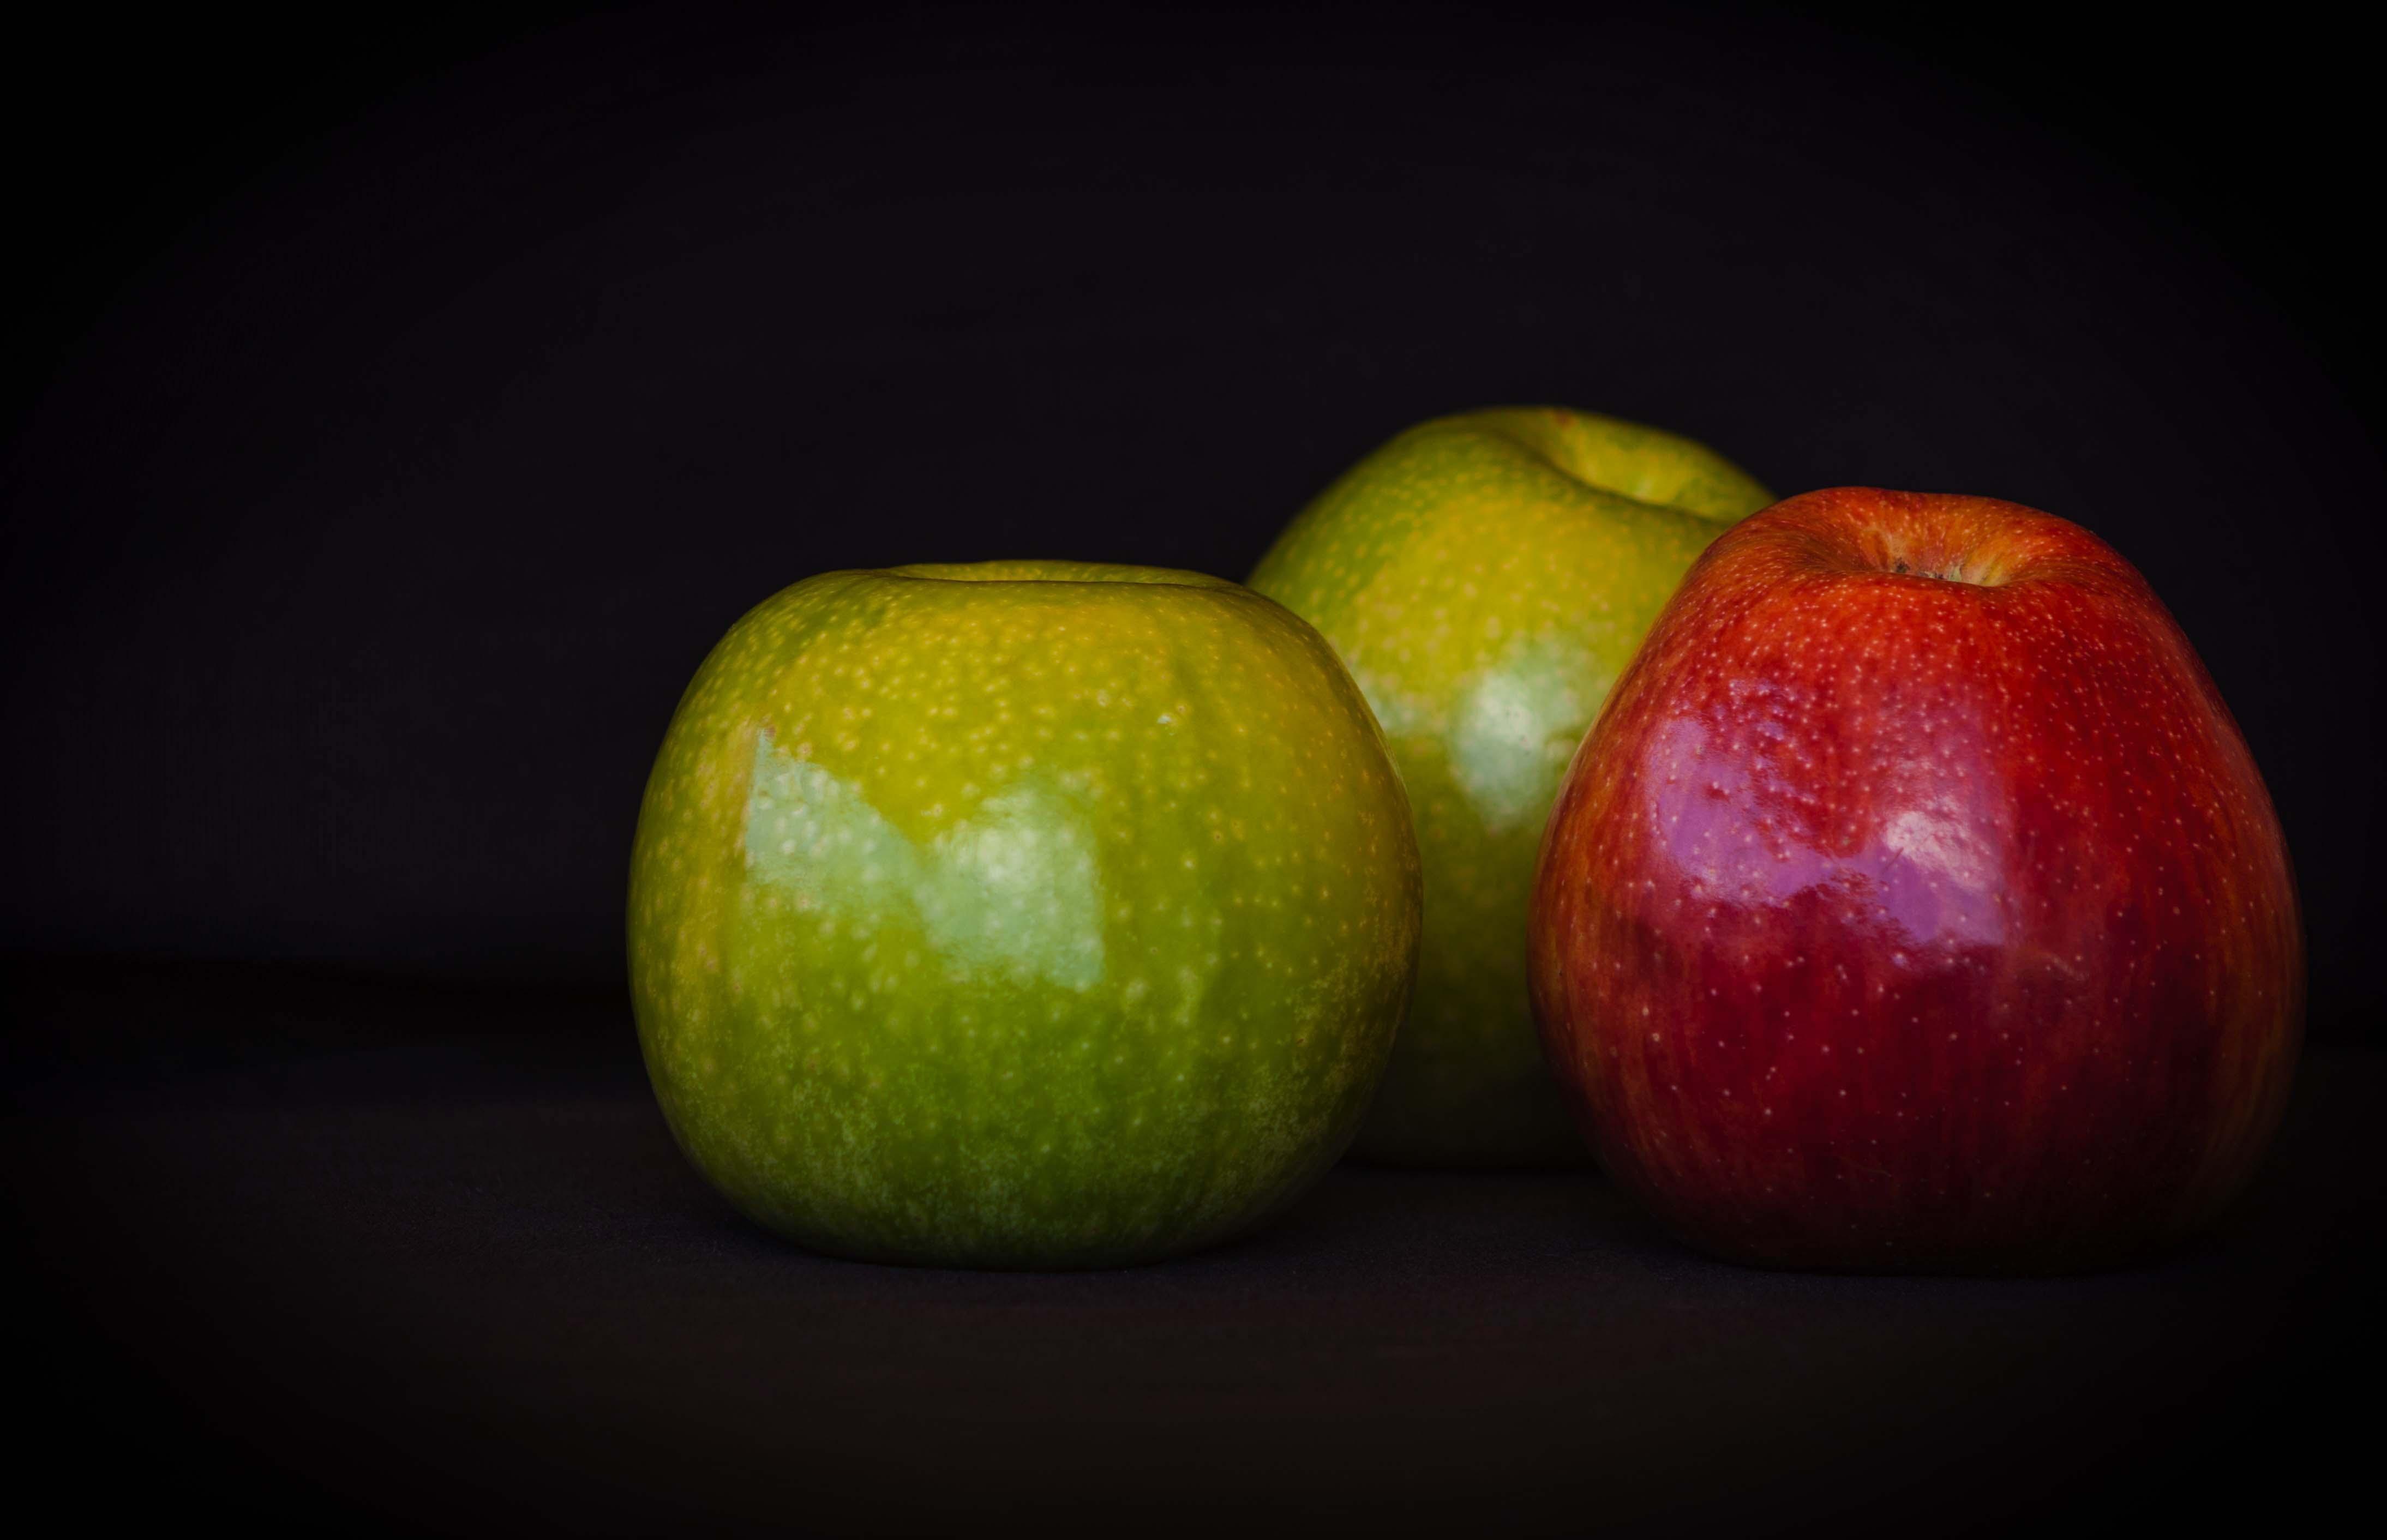 Fotoğraf Meyve Gıda Yeşil üretmek Boyama Kırmızı Elma